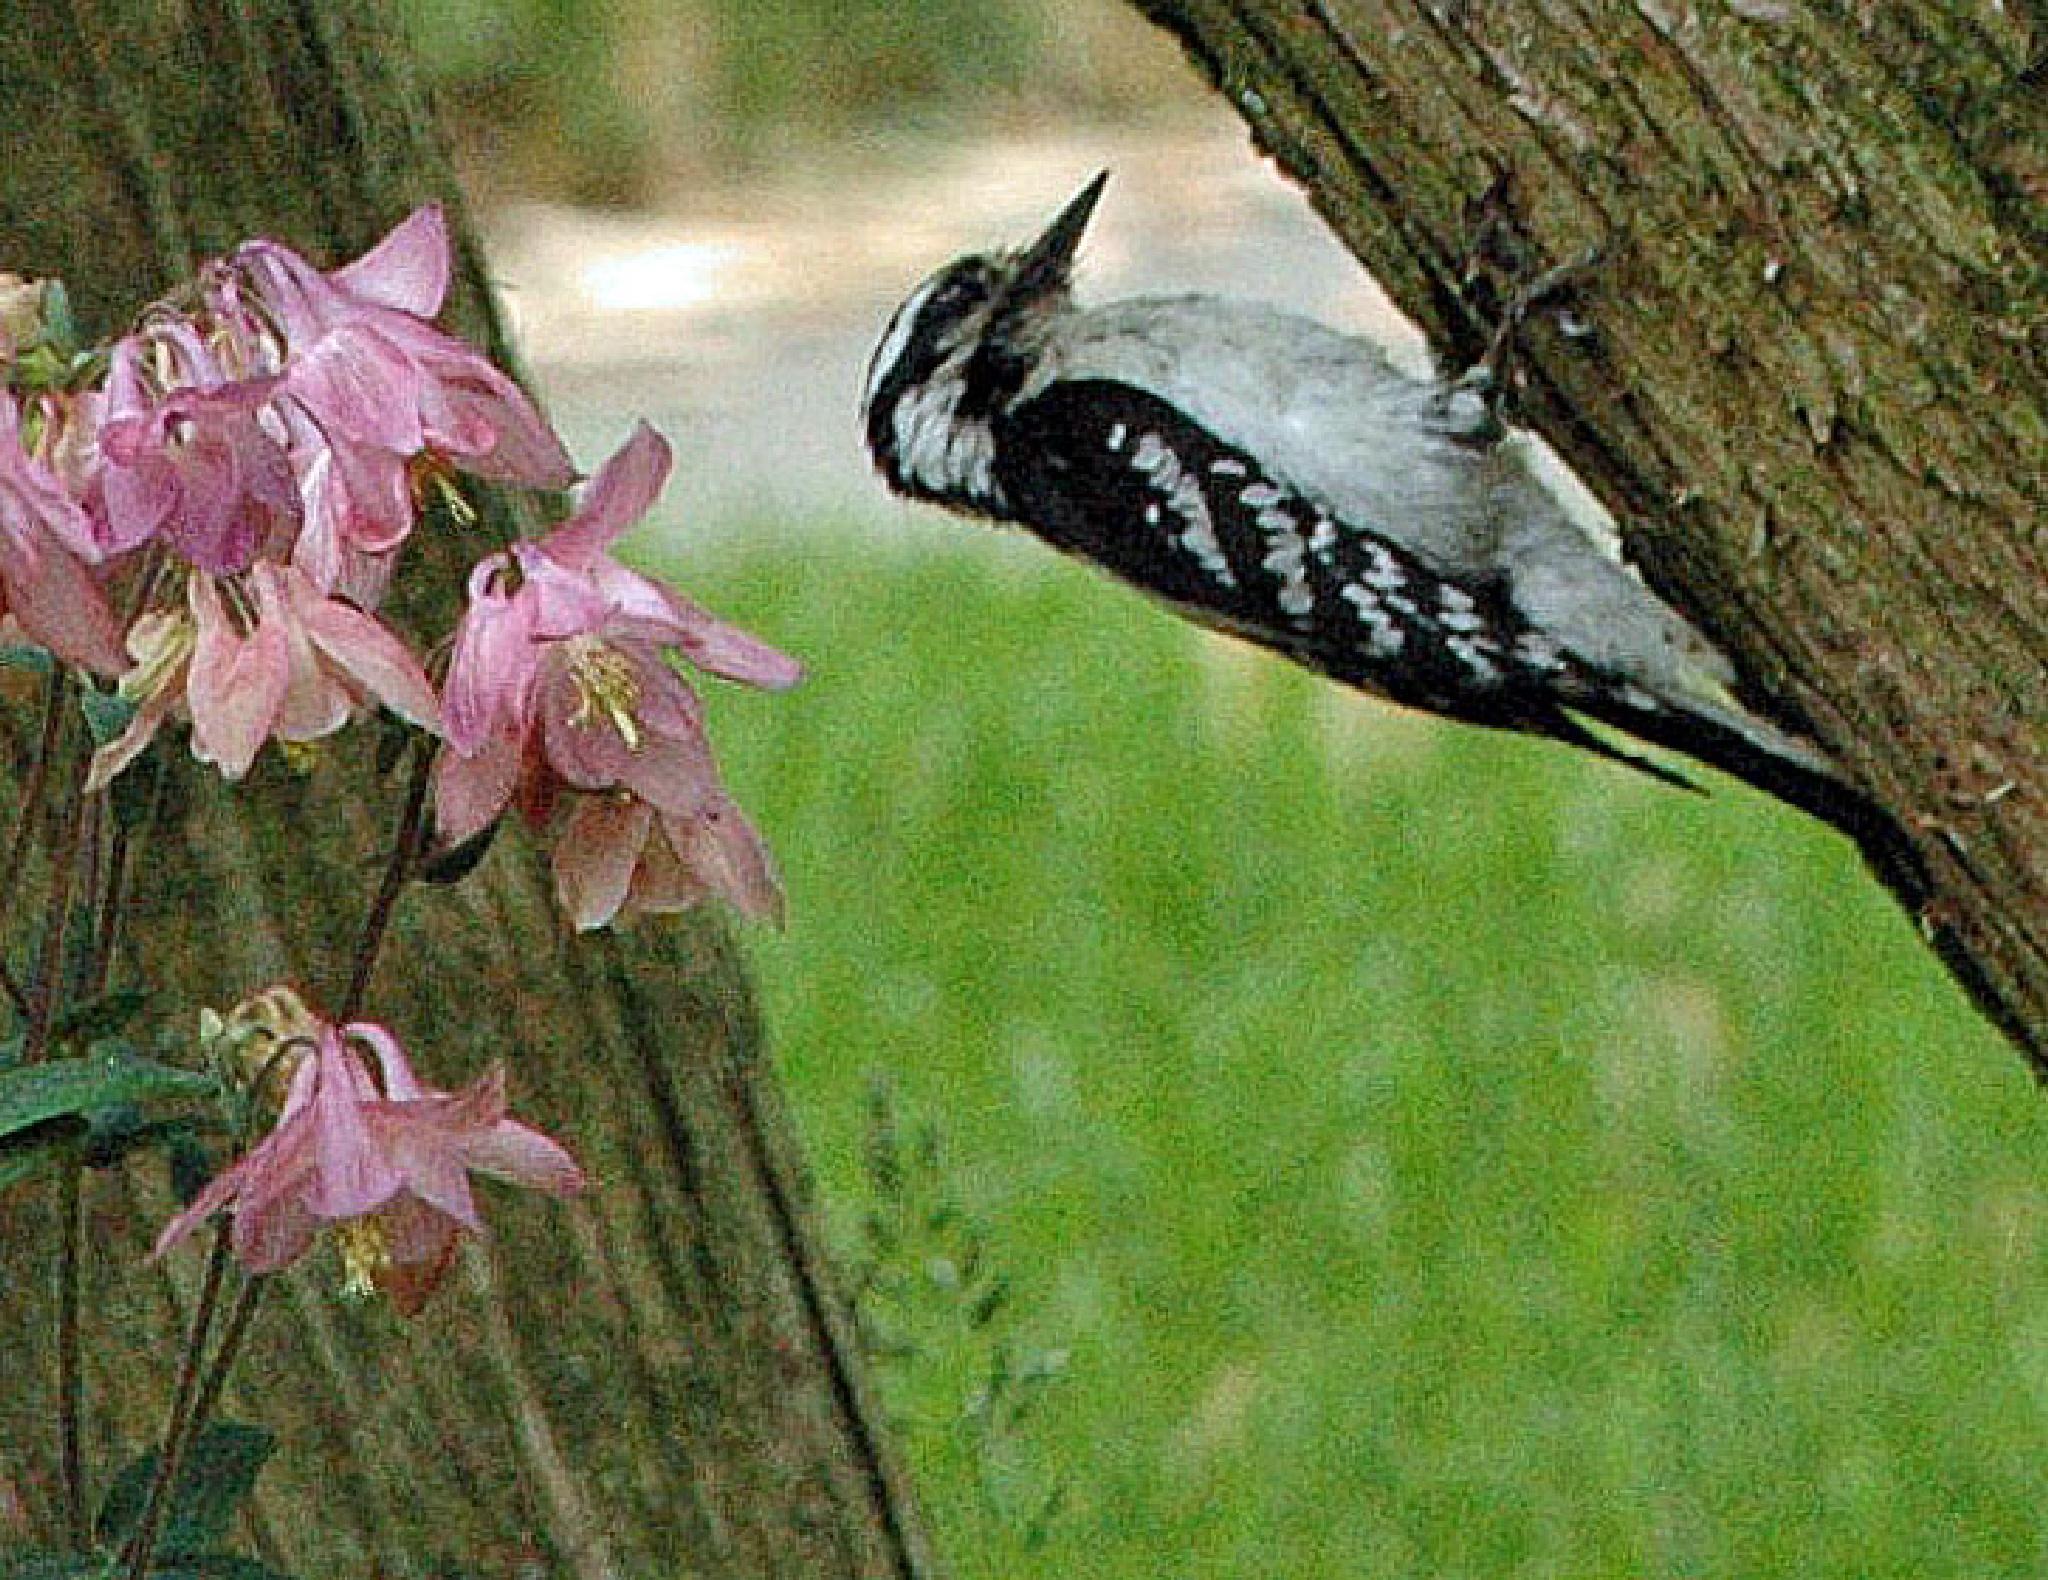 Downy Woodpecker by Brady Williams